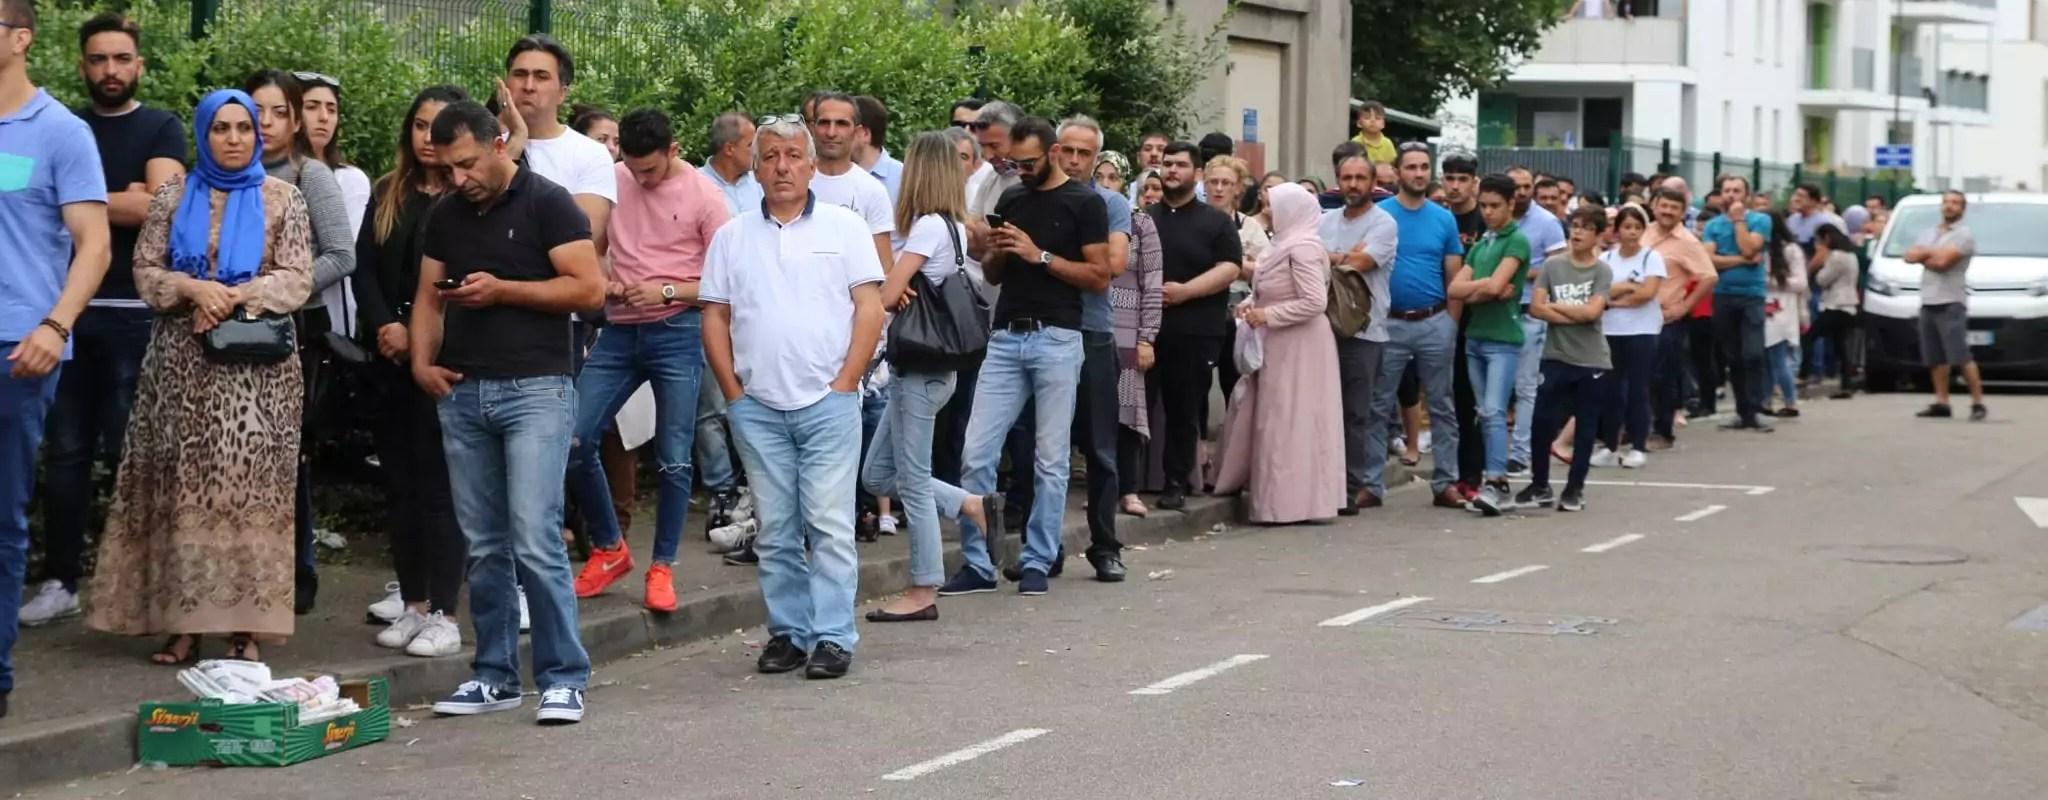 Entre l'urne et la mosquée, des élections turques à Strasbourg sous tension